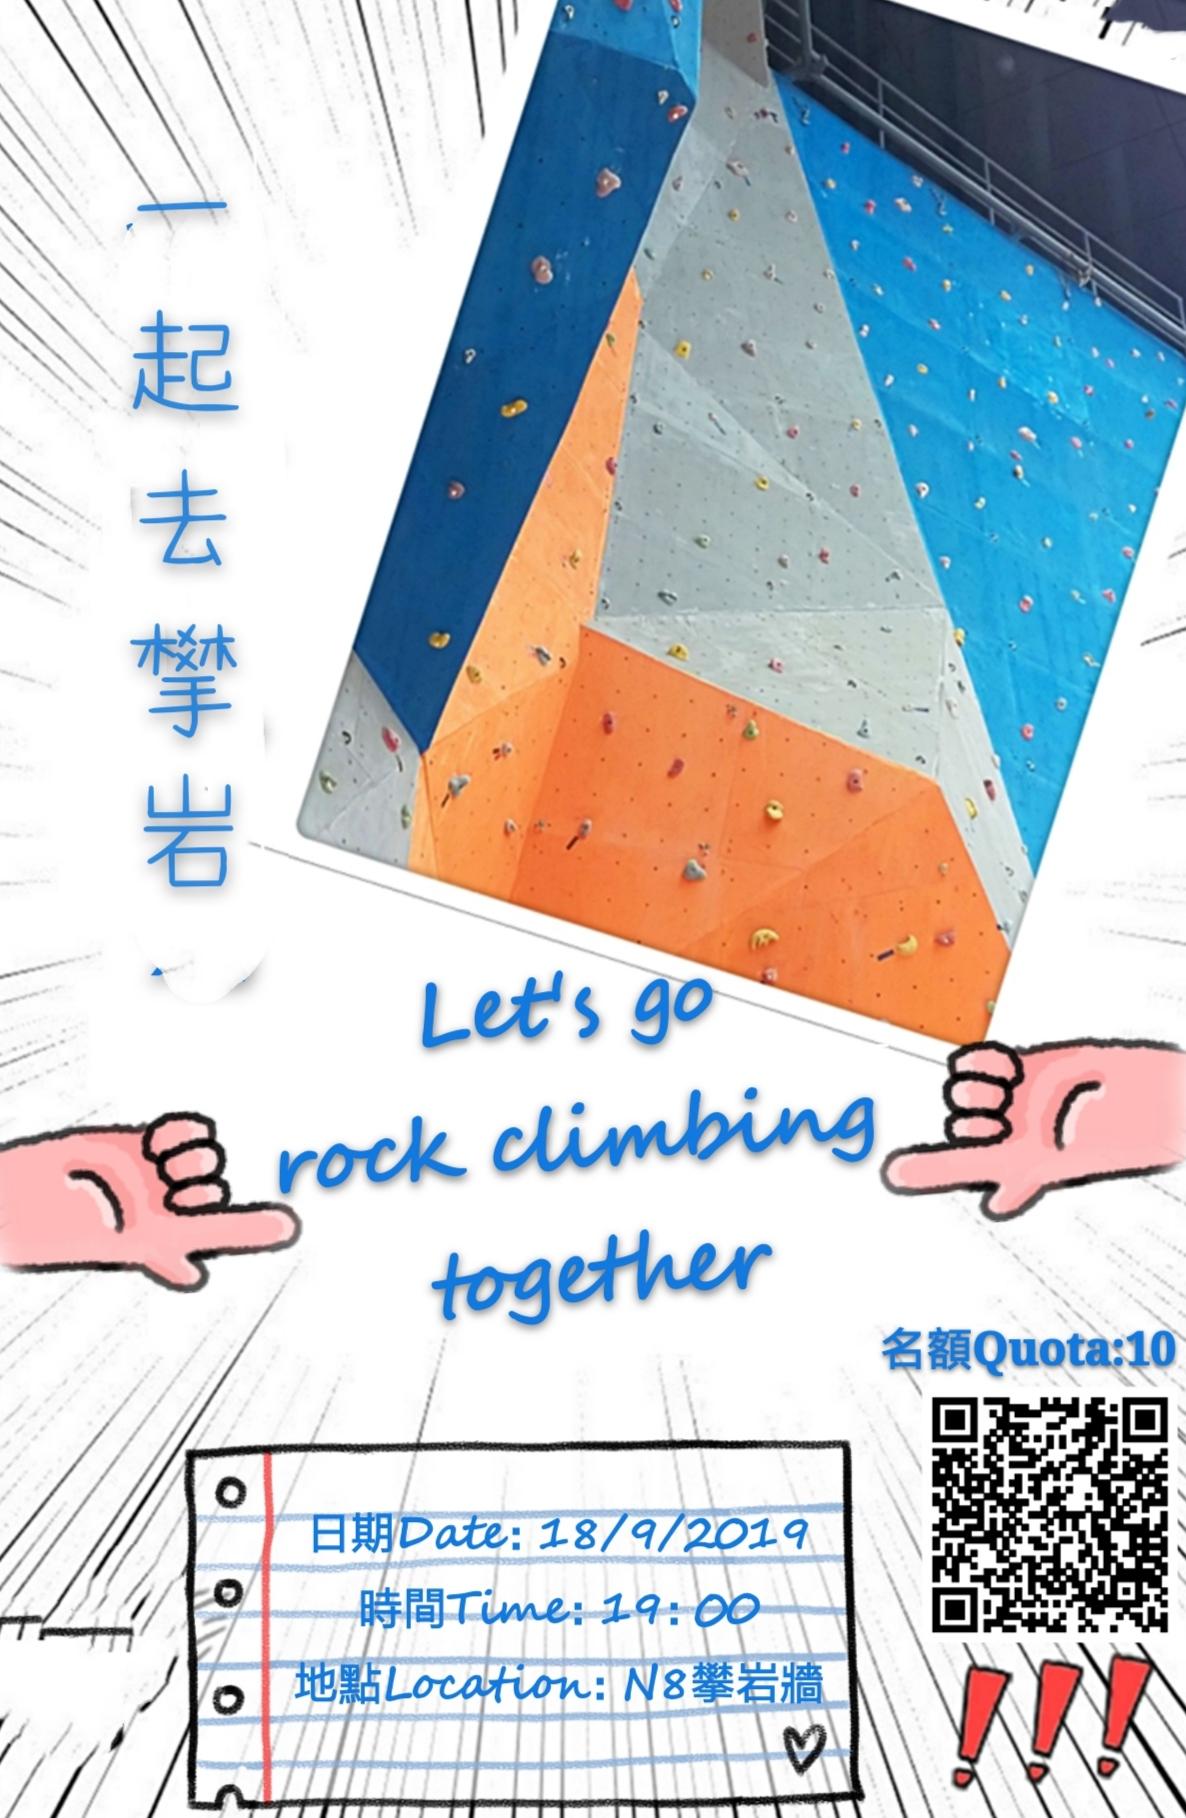 樓層活動: 一起去攀岩